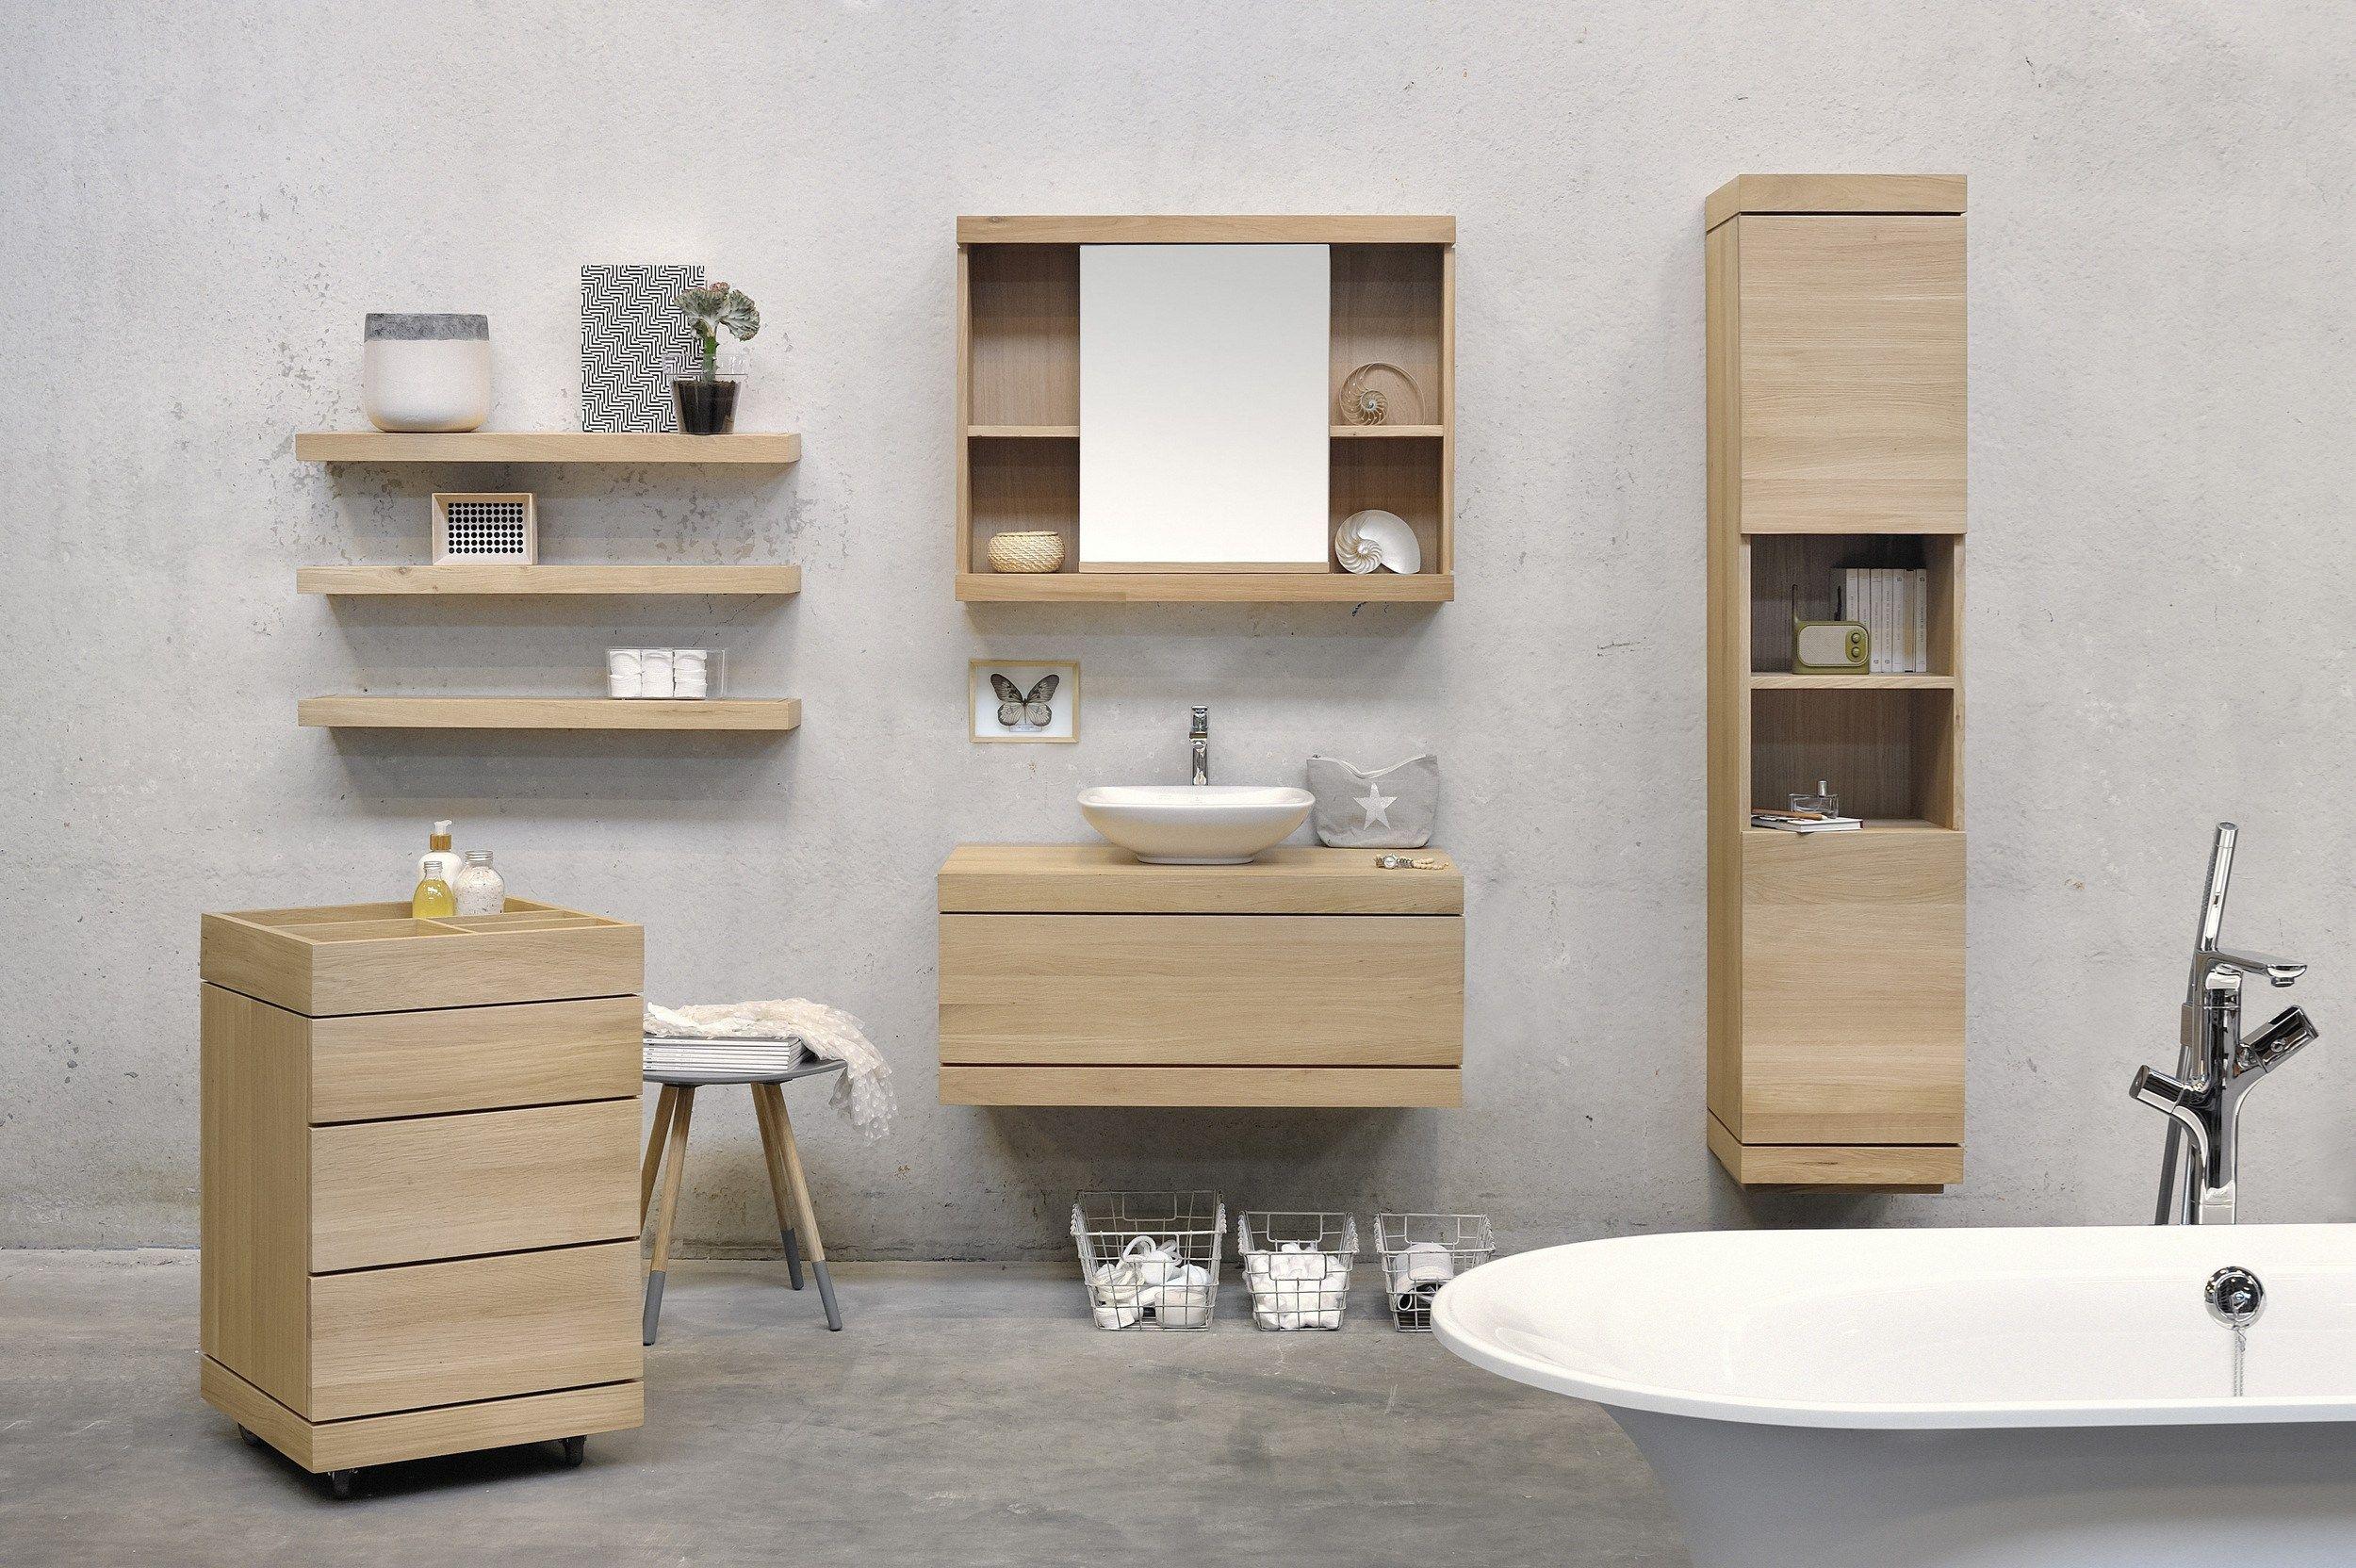 meuble pour salle de bain haut en bois massif avec portes oak cadence meuble pour - Meuble Salle De Bain Bois Massif